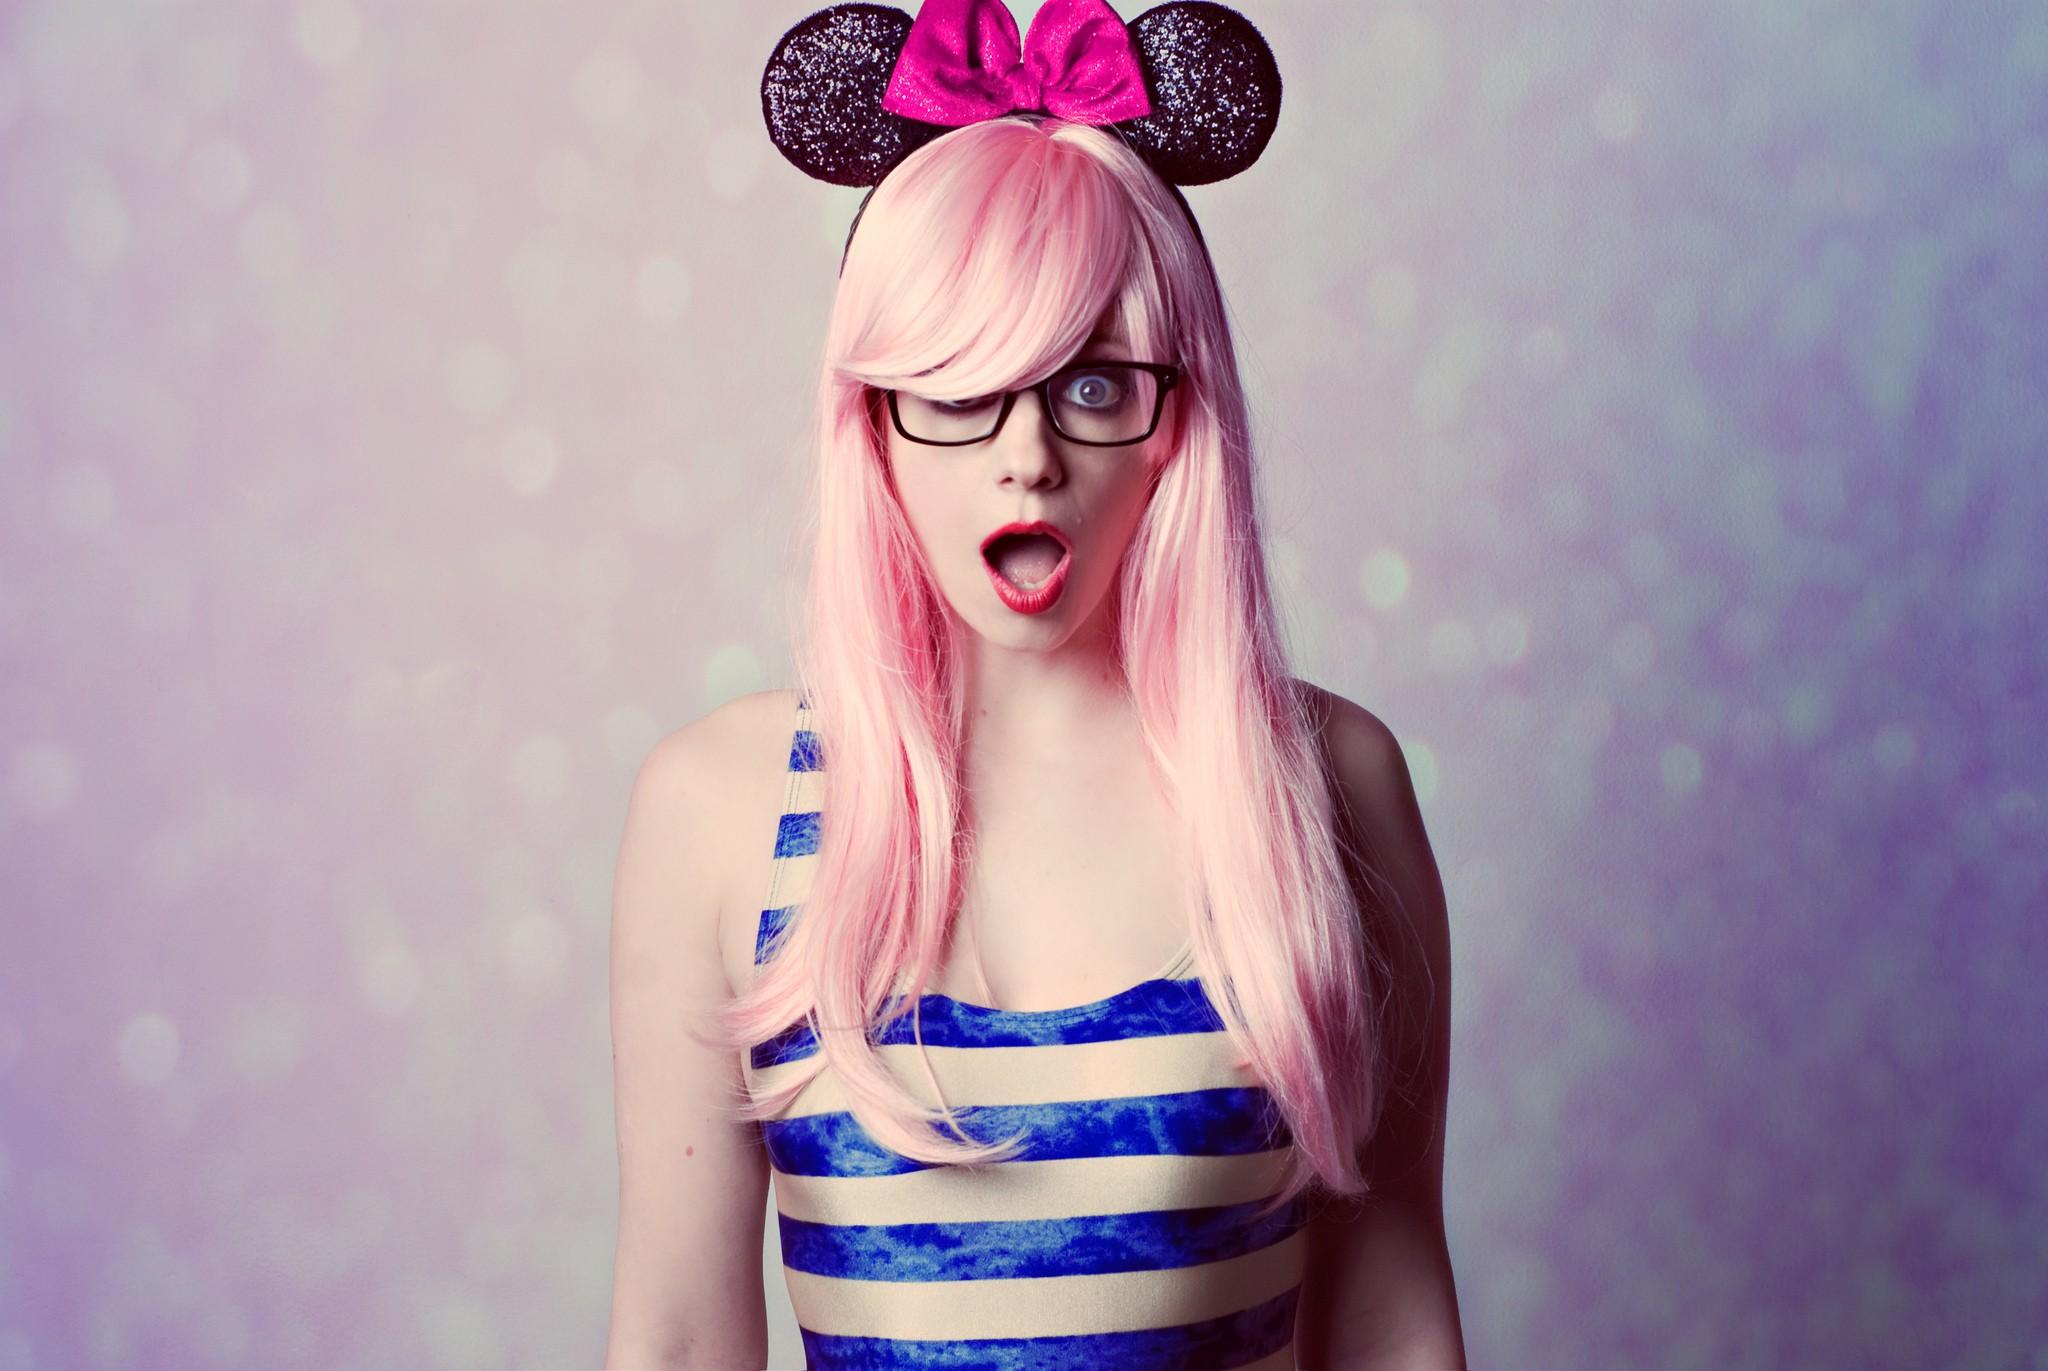 Hintergrundbilder Mickey Maus Frau Modell Frauen Mit Brille